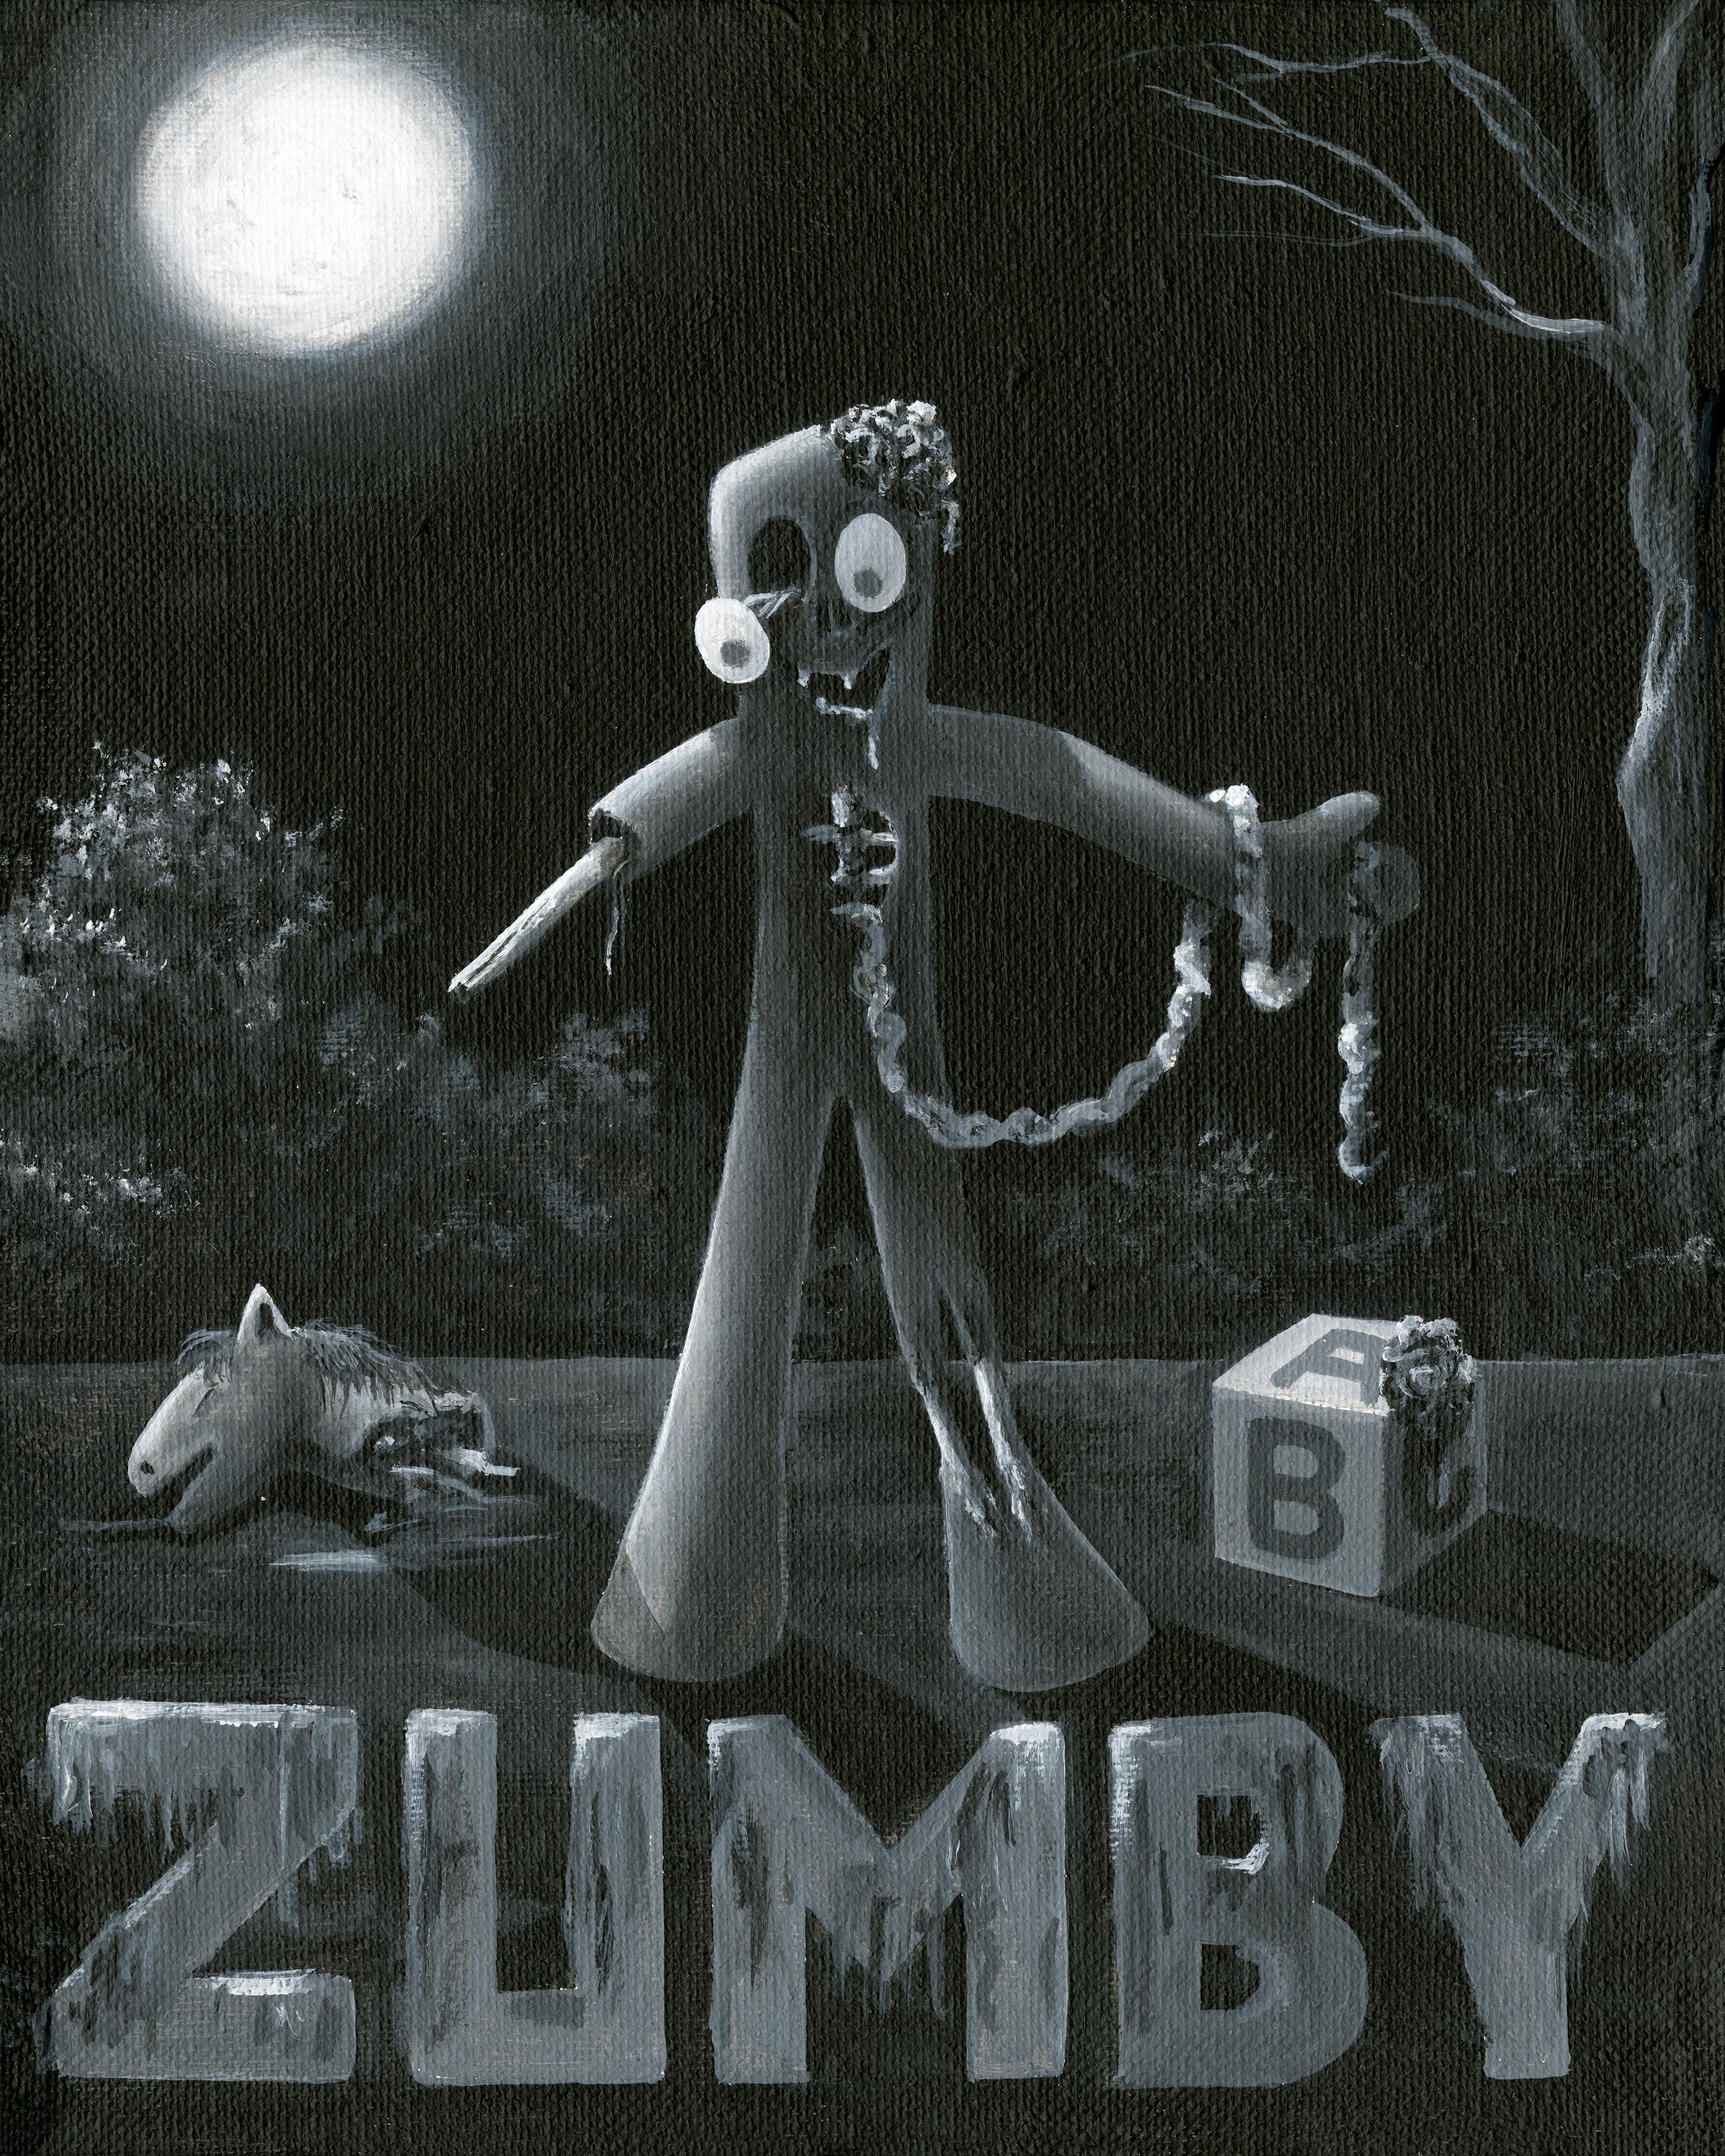 ZUMBY